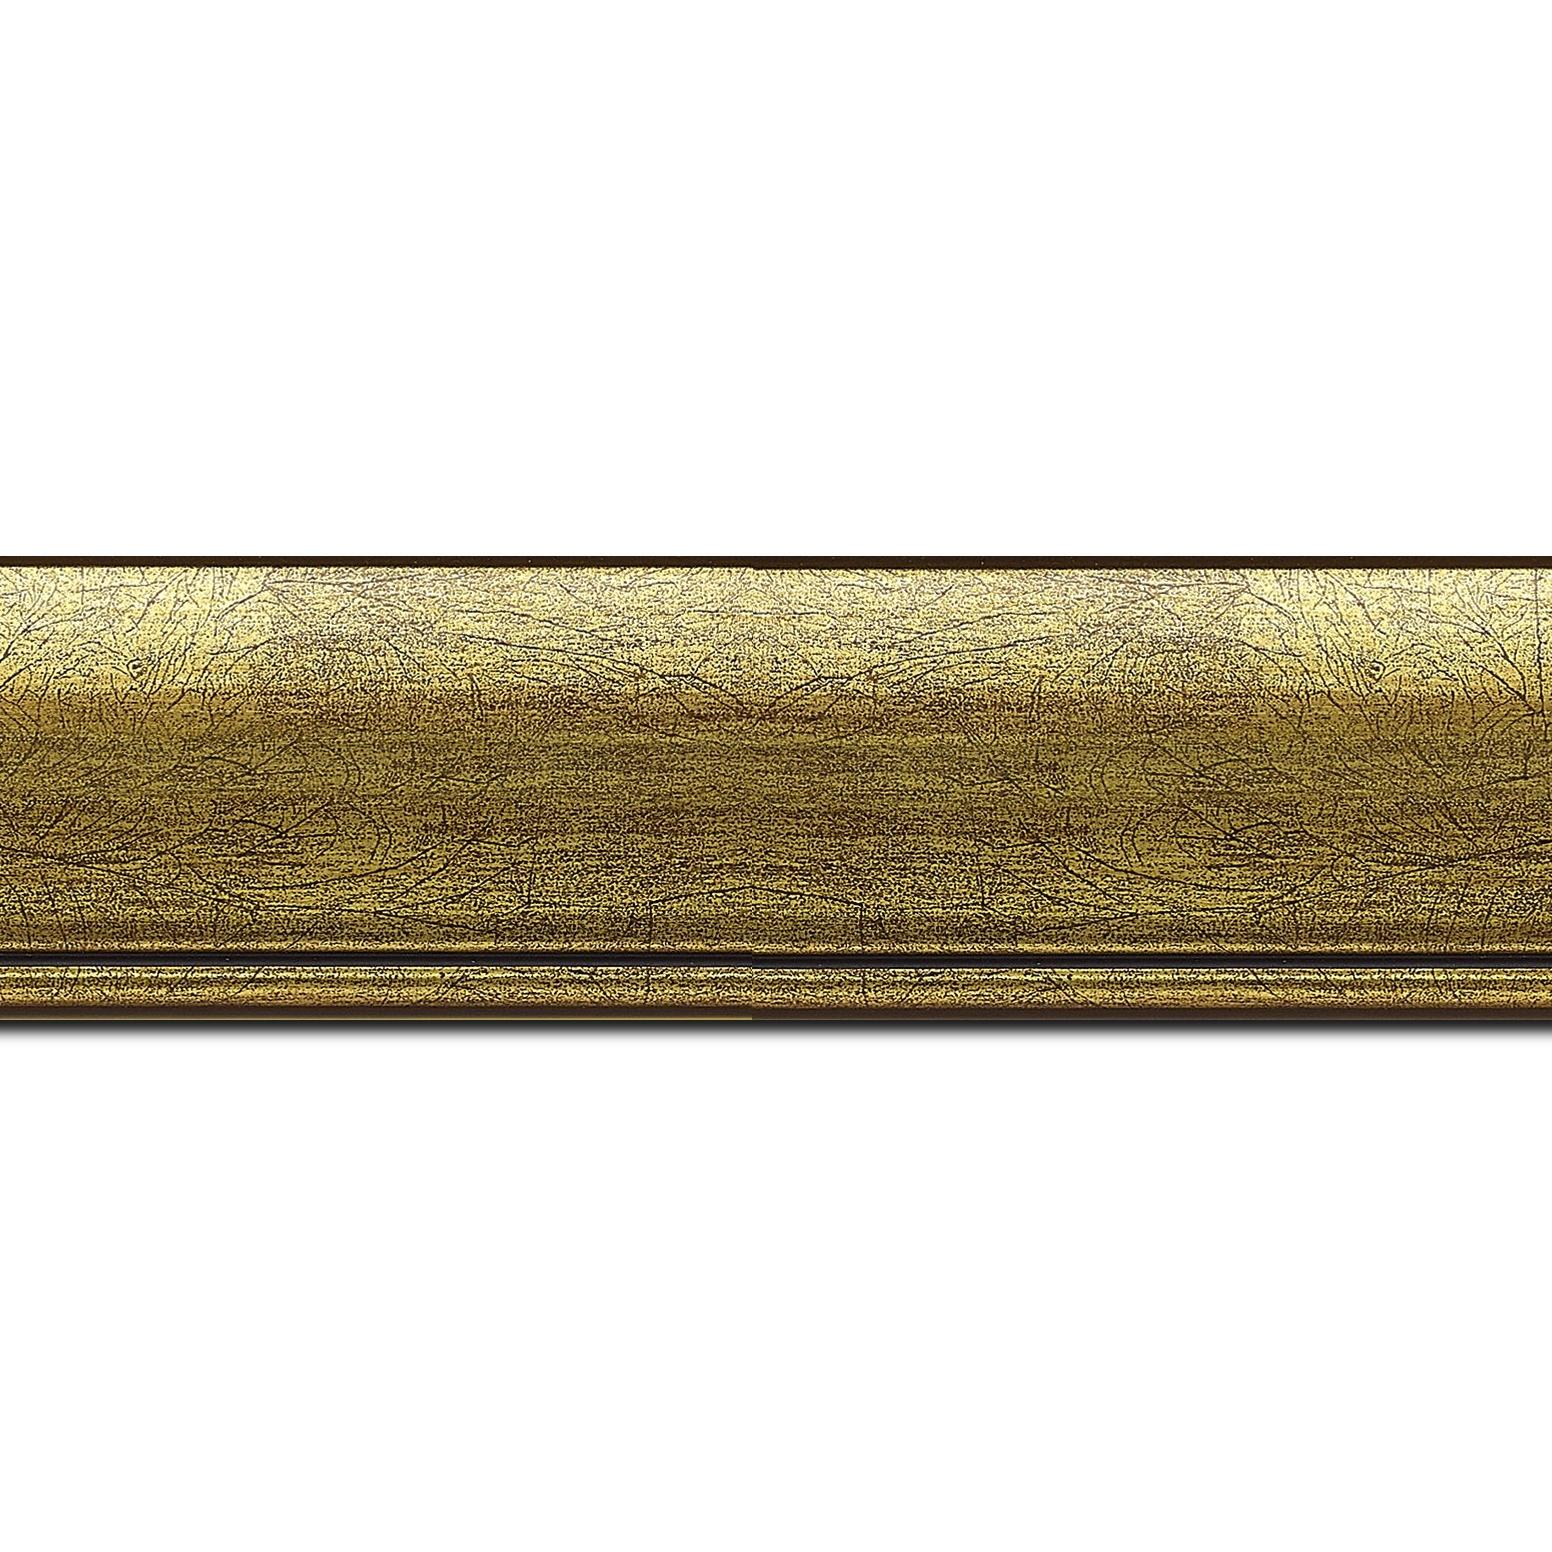 Baguette longueur 1.40m bois profil arrondi largeur 4.7cm or rehaussé d'un filet noir